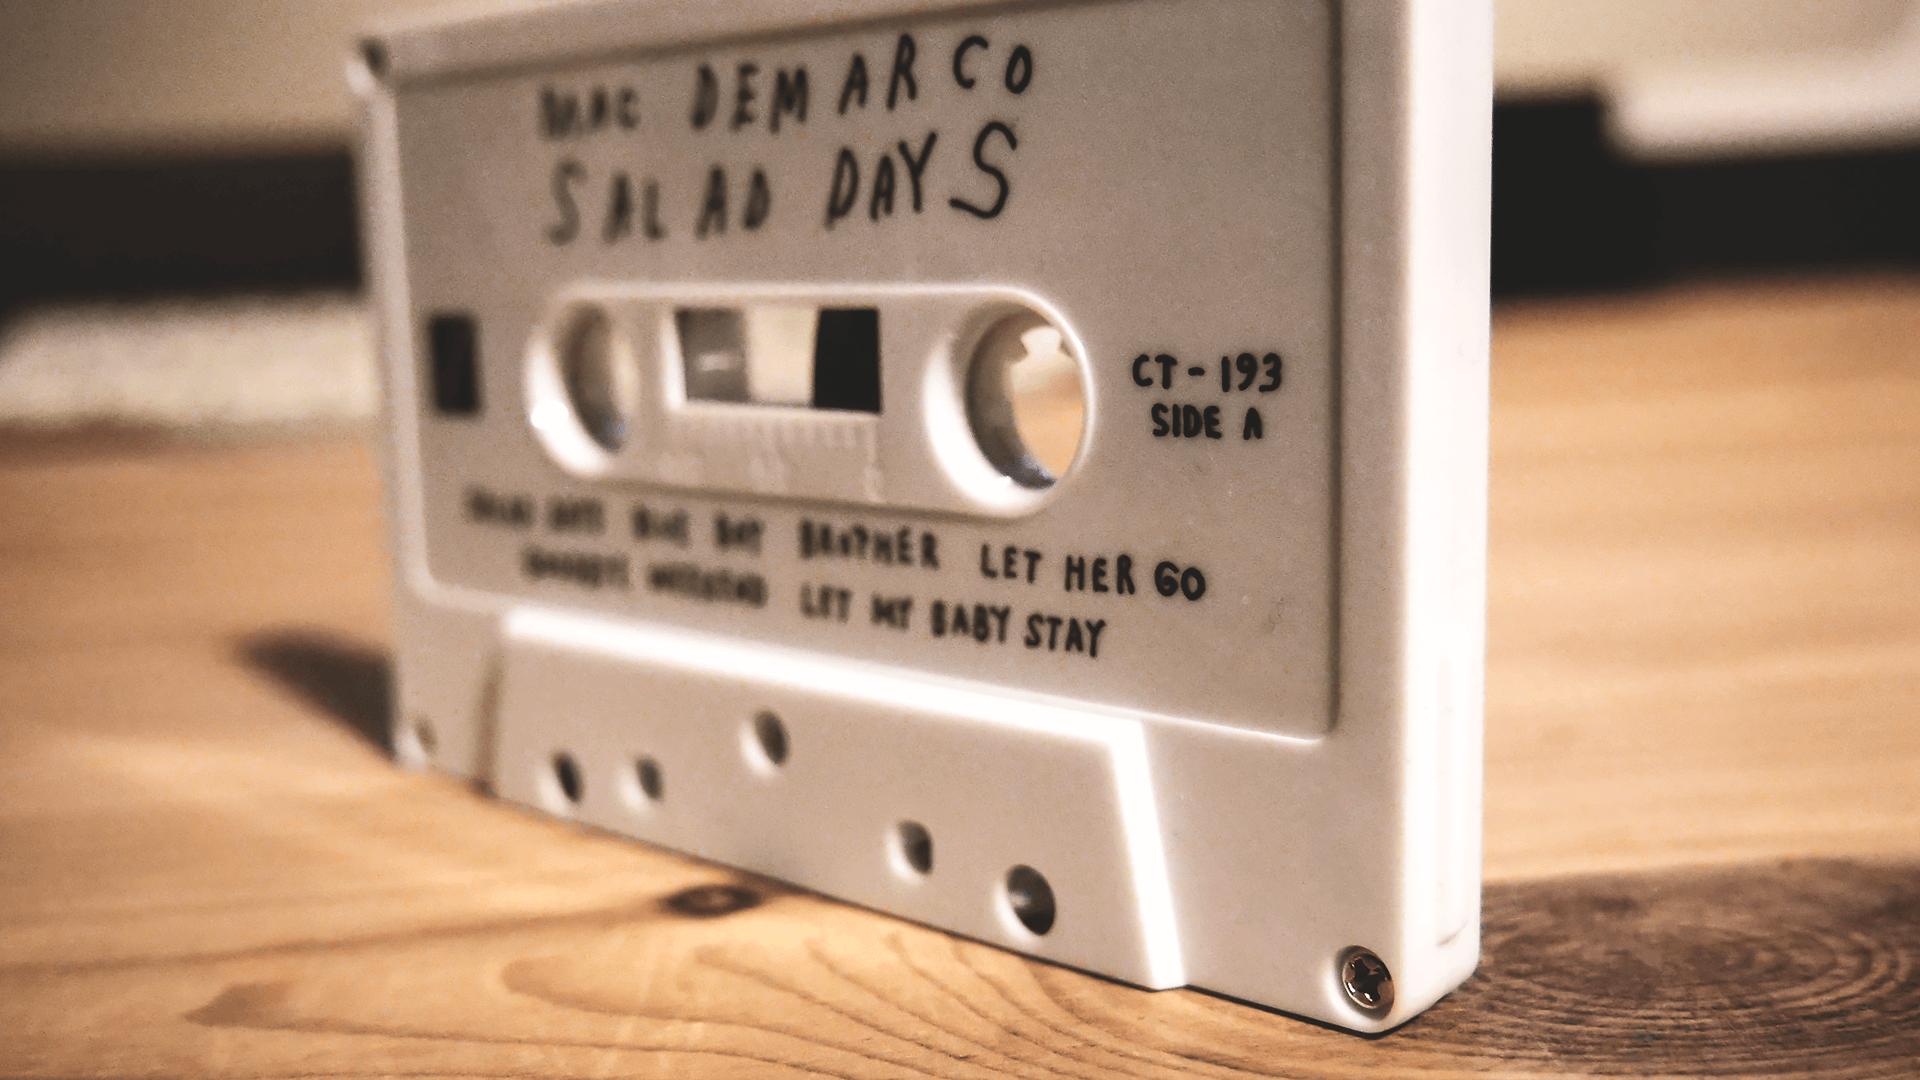 Salad Daysの白いカセットボディ